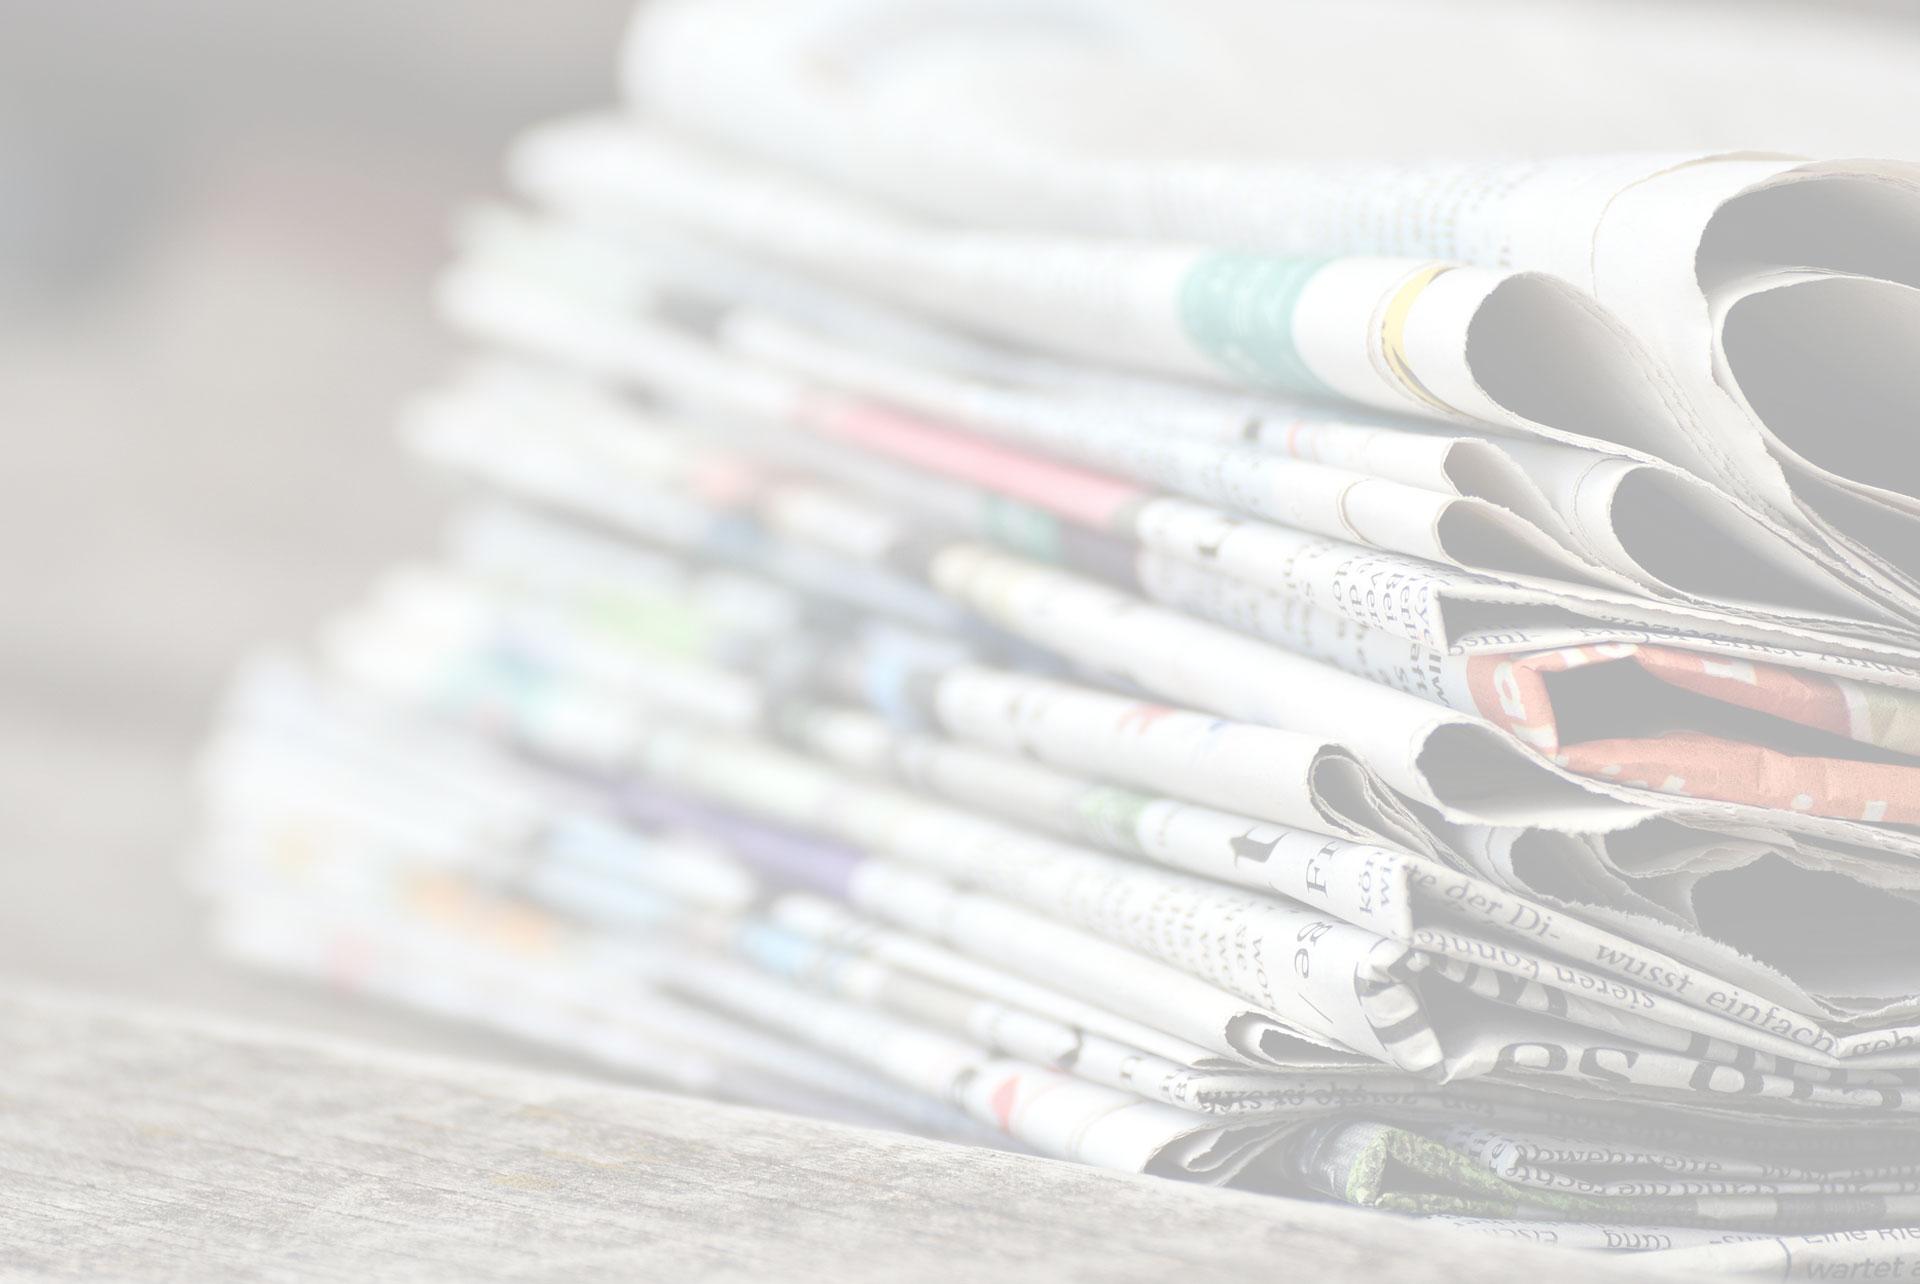 Commissione esame maturita